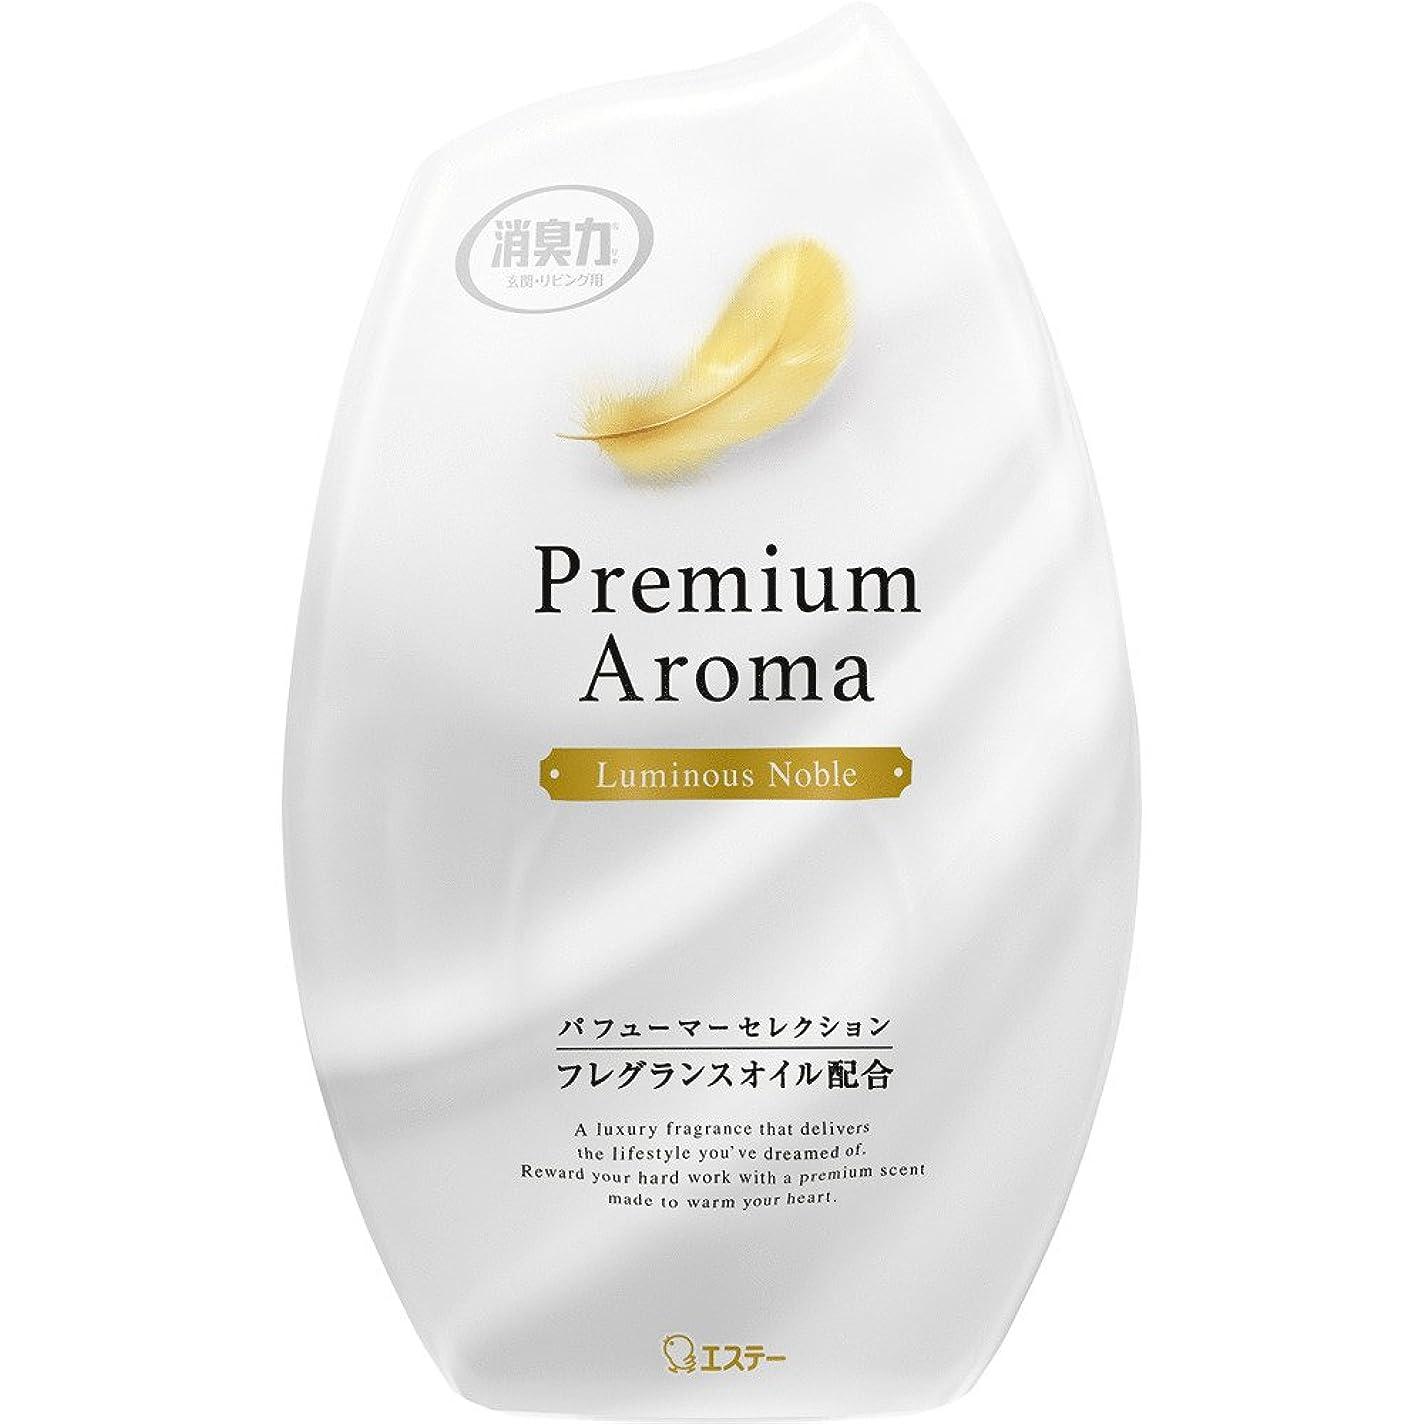 熱システム軸お部屋の消臭力 プレミアムアロマ Premium Aroma 消臭芳香剤 部屋用 部屋 ルミナスノーブルの香り 400ml